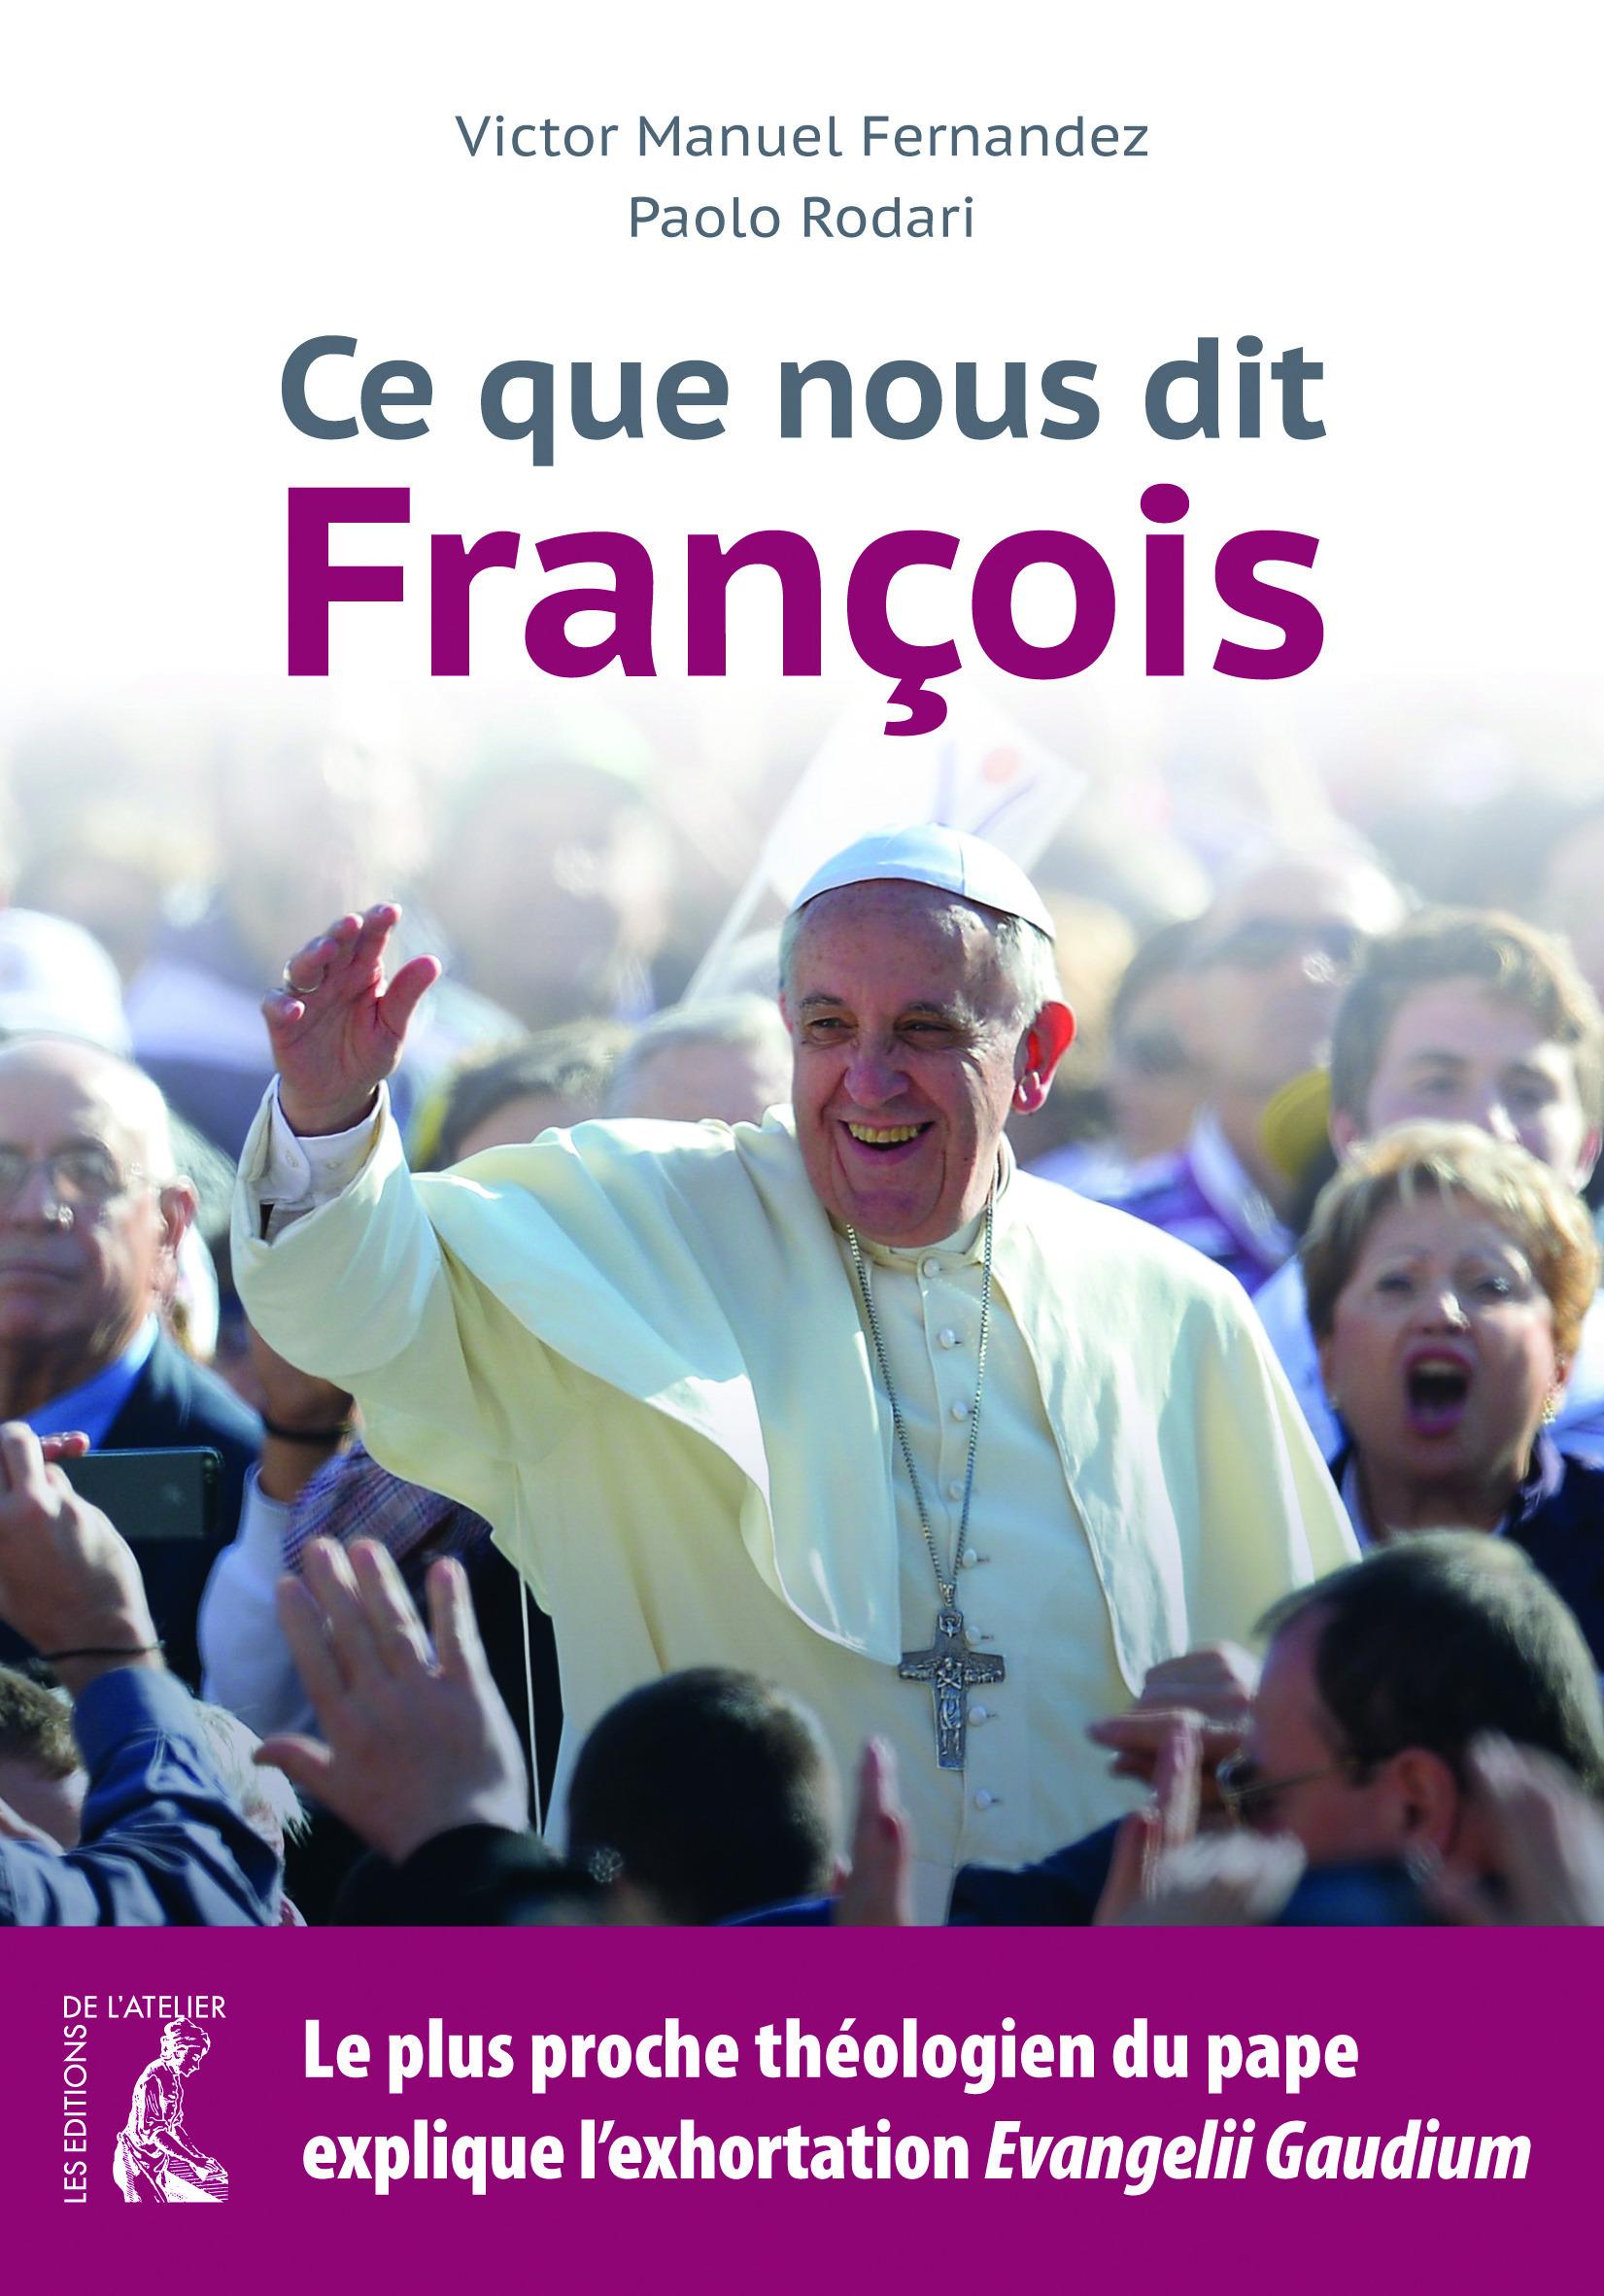 ce que nous dit François ; le plus proche théologien du pape explique l'exhortation Evangelii Gaudium